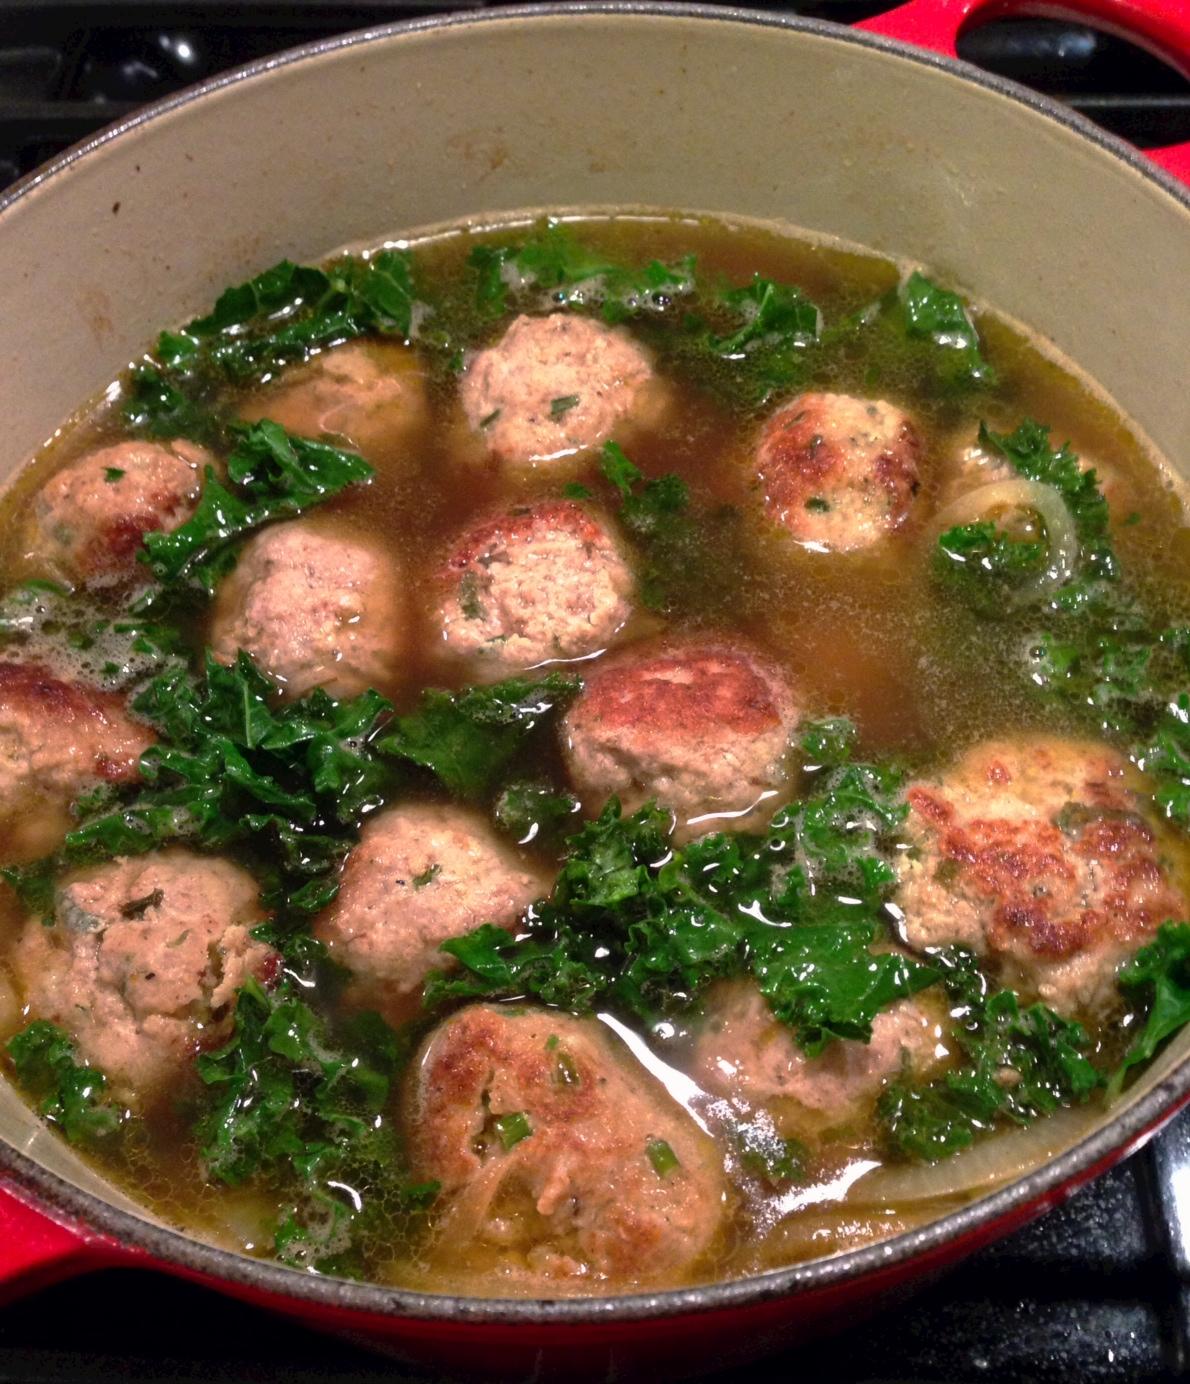 Turkey Meatball and Kale Soup